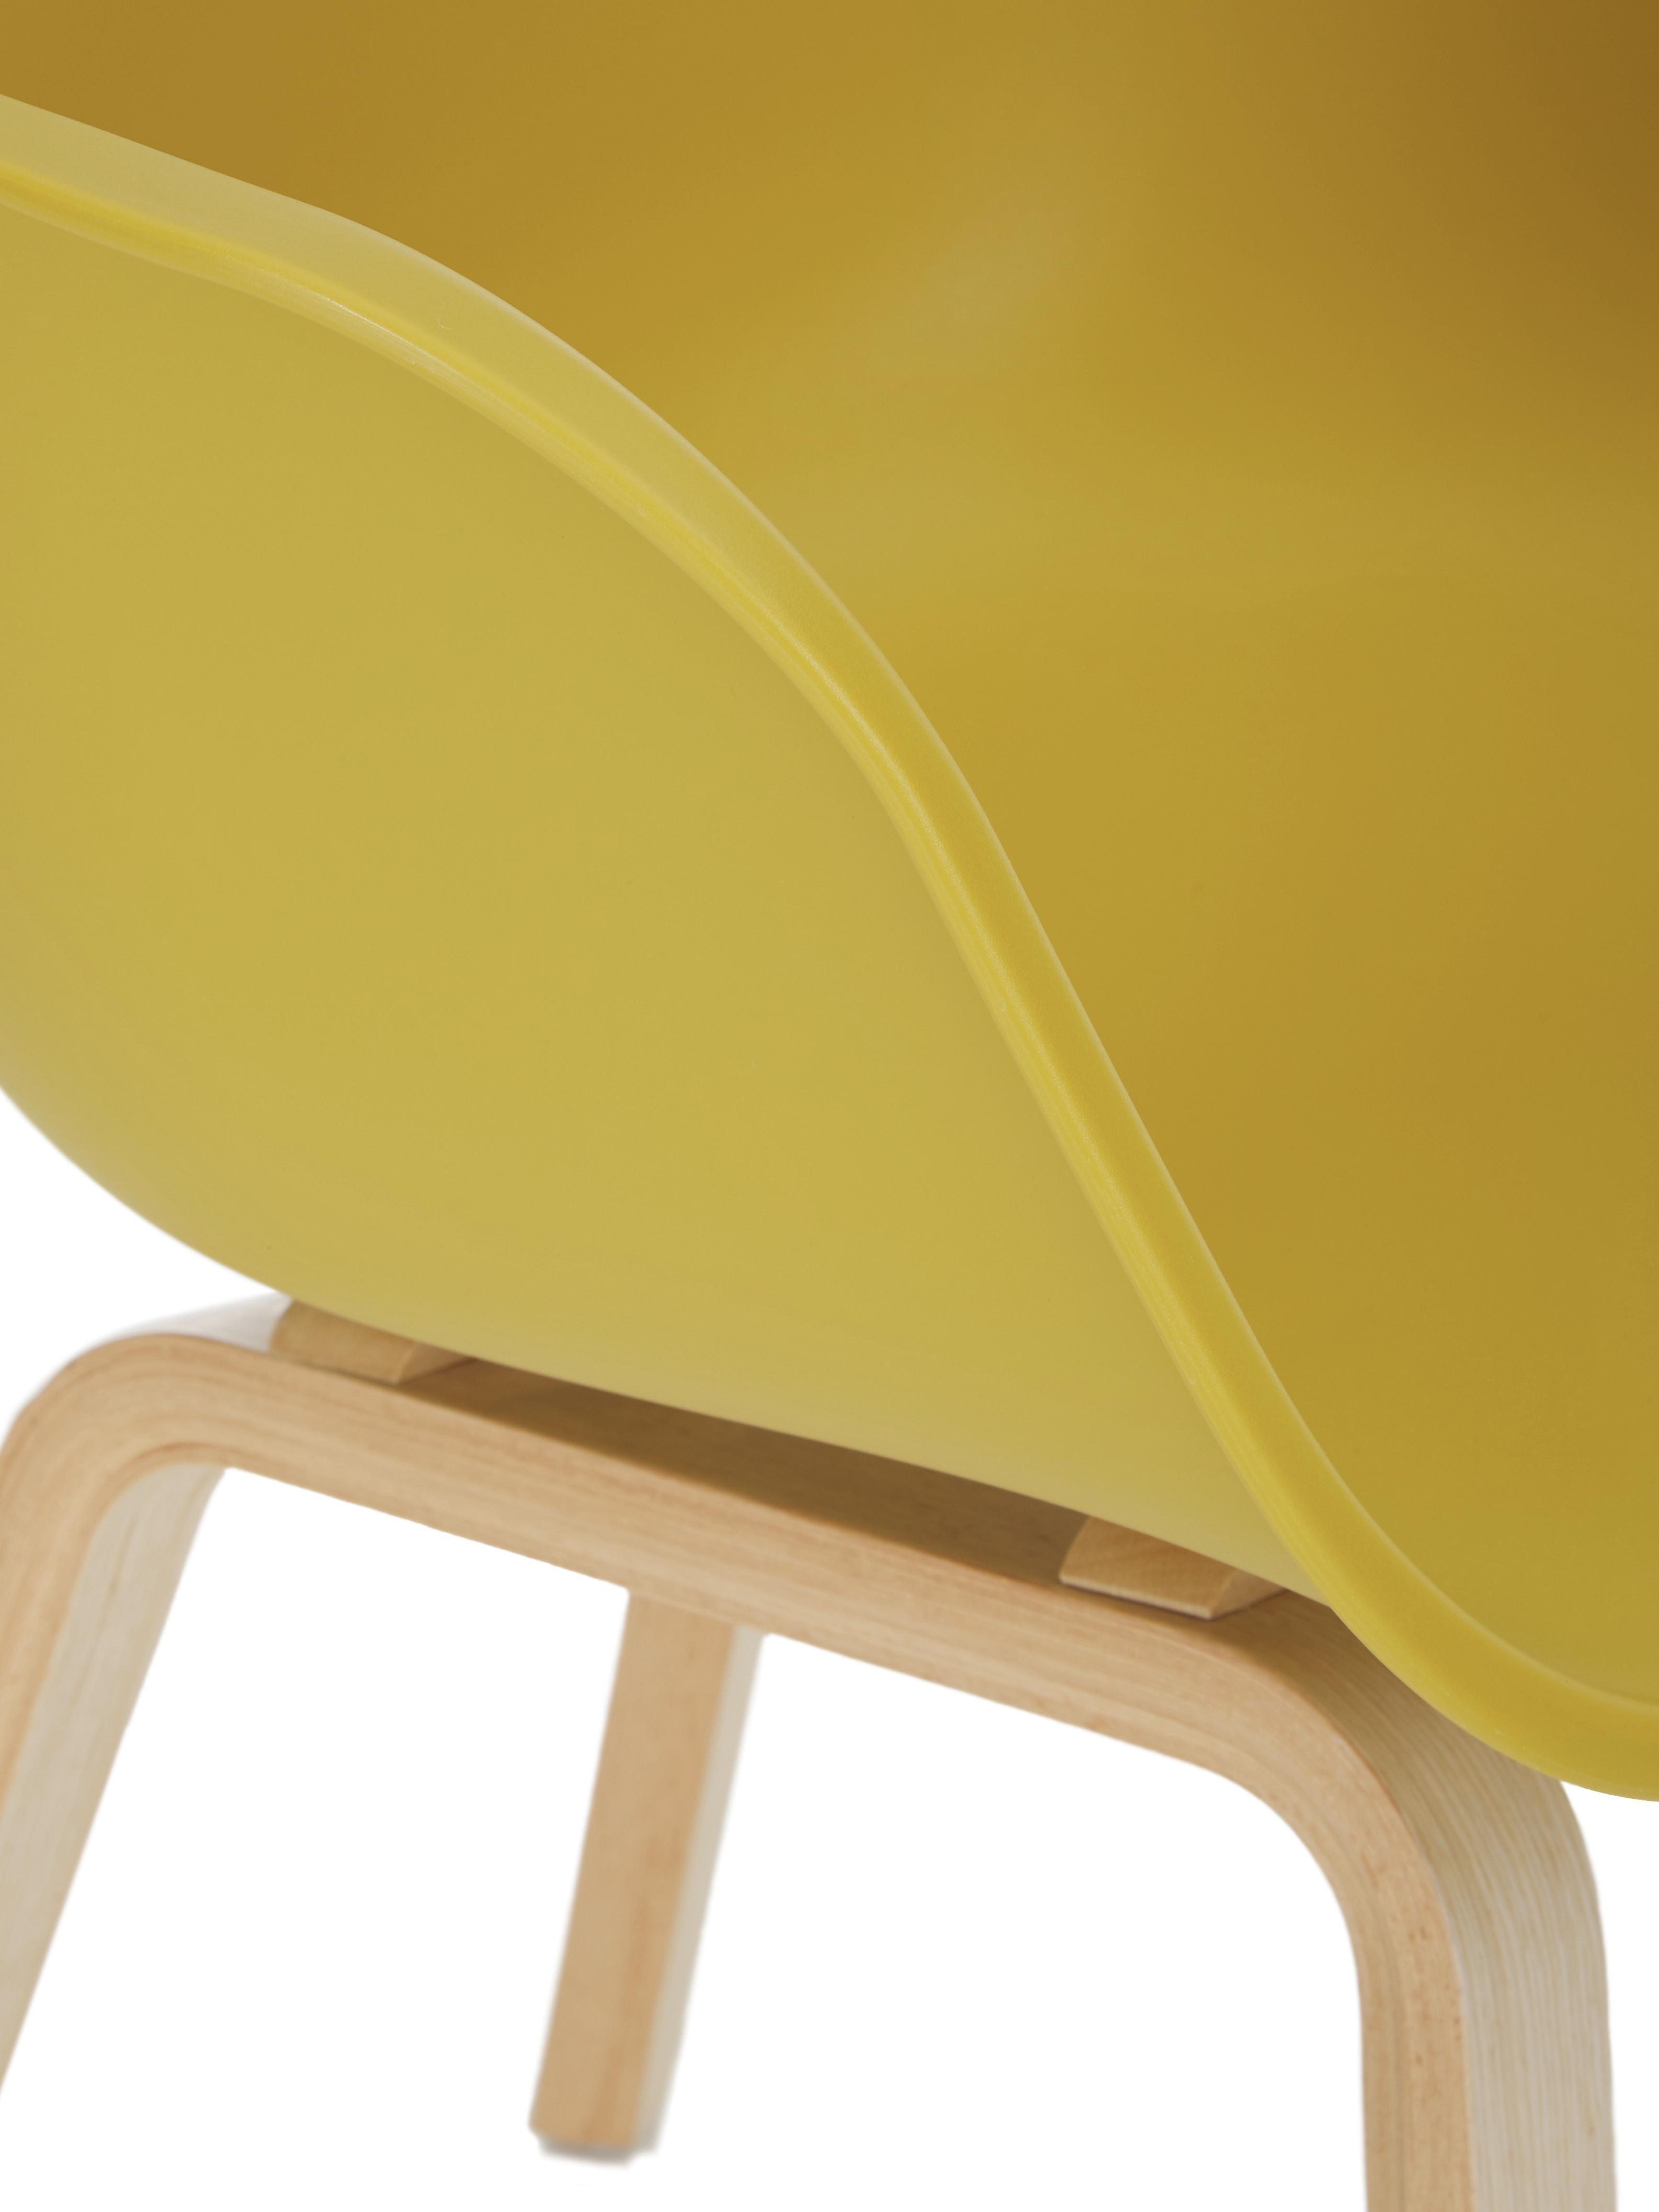 Kunststoffen armstoel Claire met houten poten, Zitvlak: kunststof, Poten: beukenhout, Zitvlak: geel. Poten: beukenhoutkleurig, B 54 x D 60 cm